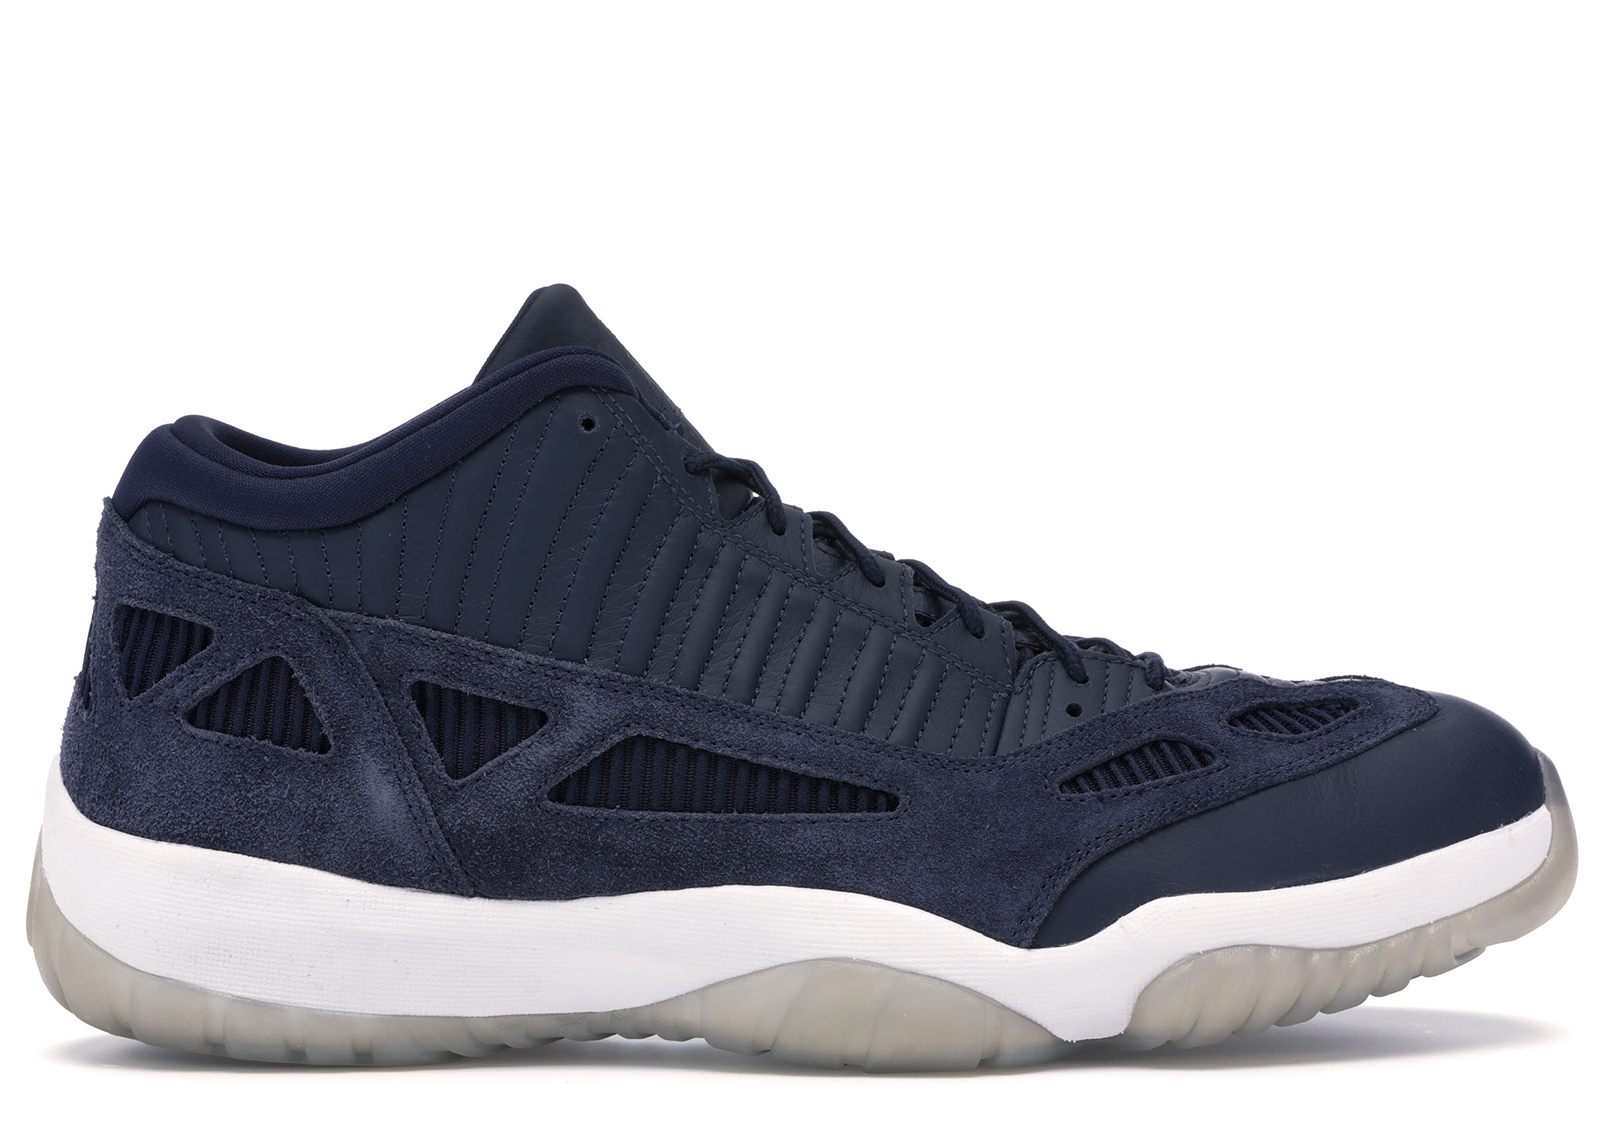 Jordan 11 Retro Low IE Obsidian